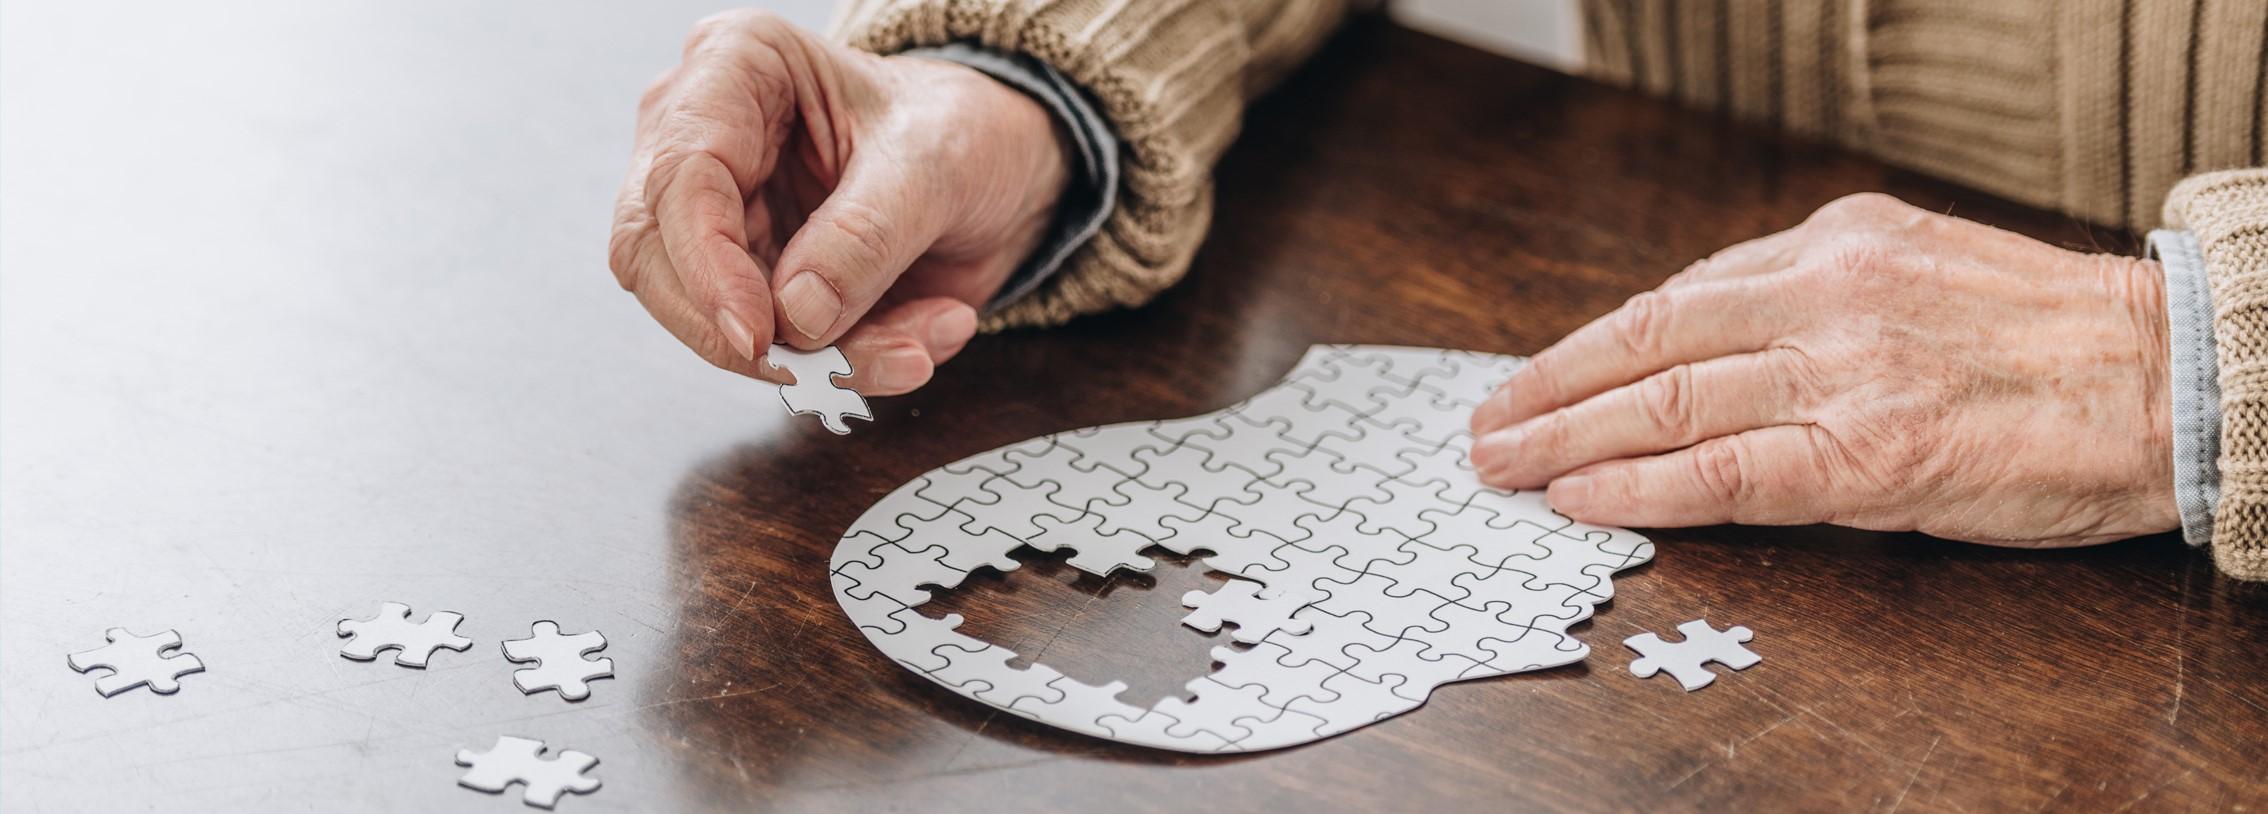 Болезнь Альцгеймера: мифы и реальность